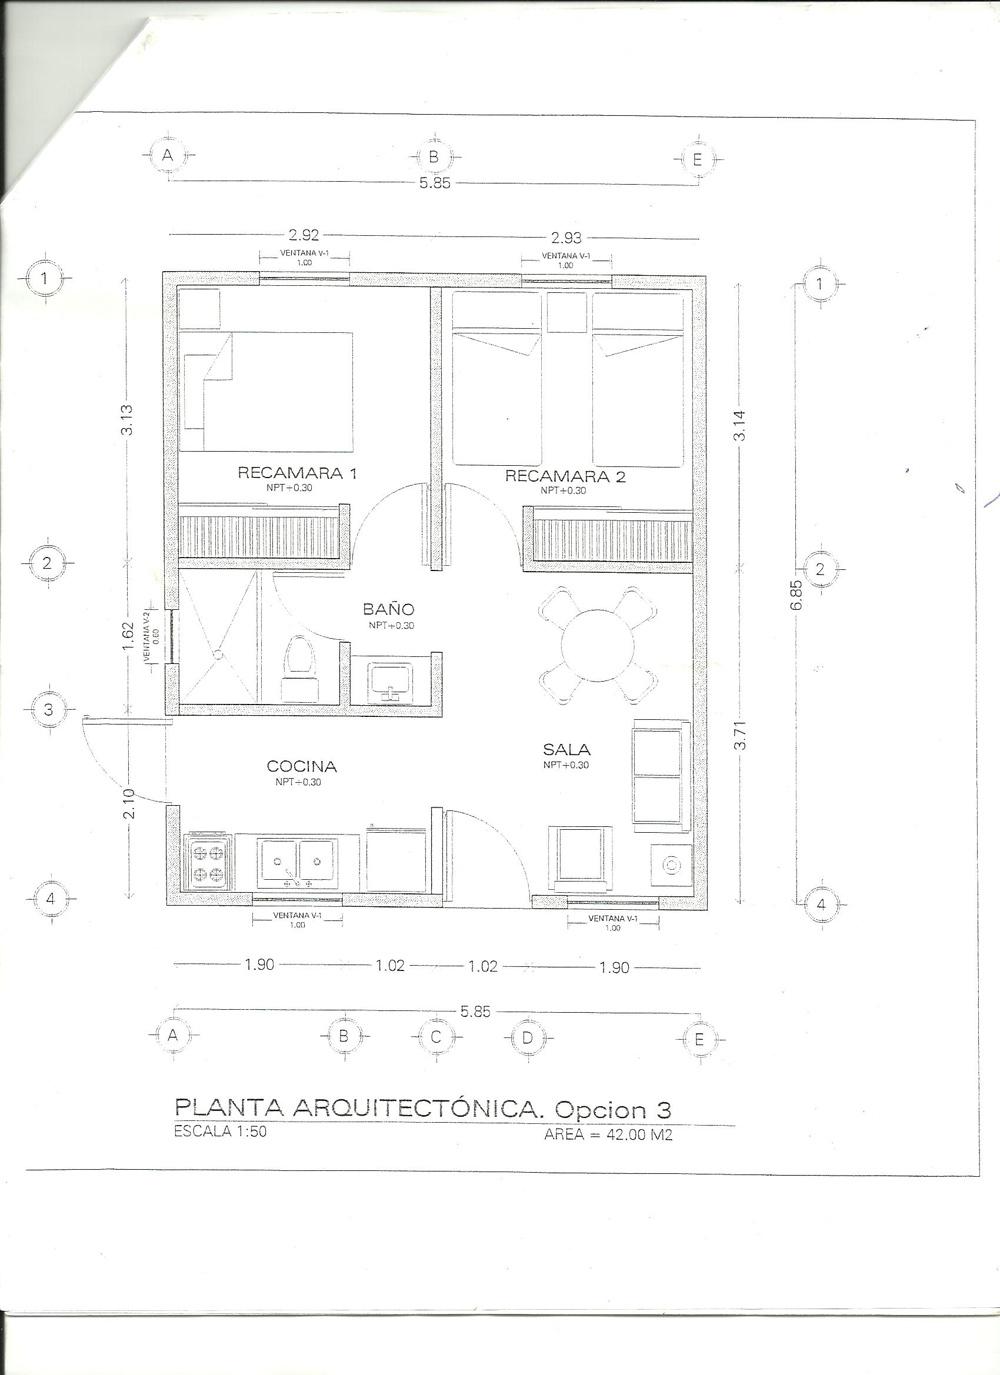 Basurillas blog archive proyecto mi hogar diferente - Proyectos para construir una casa ...